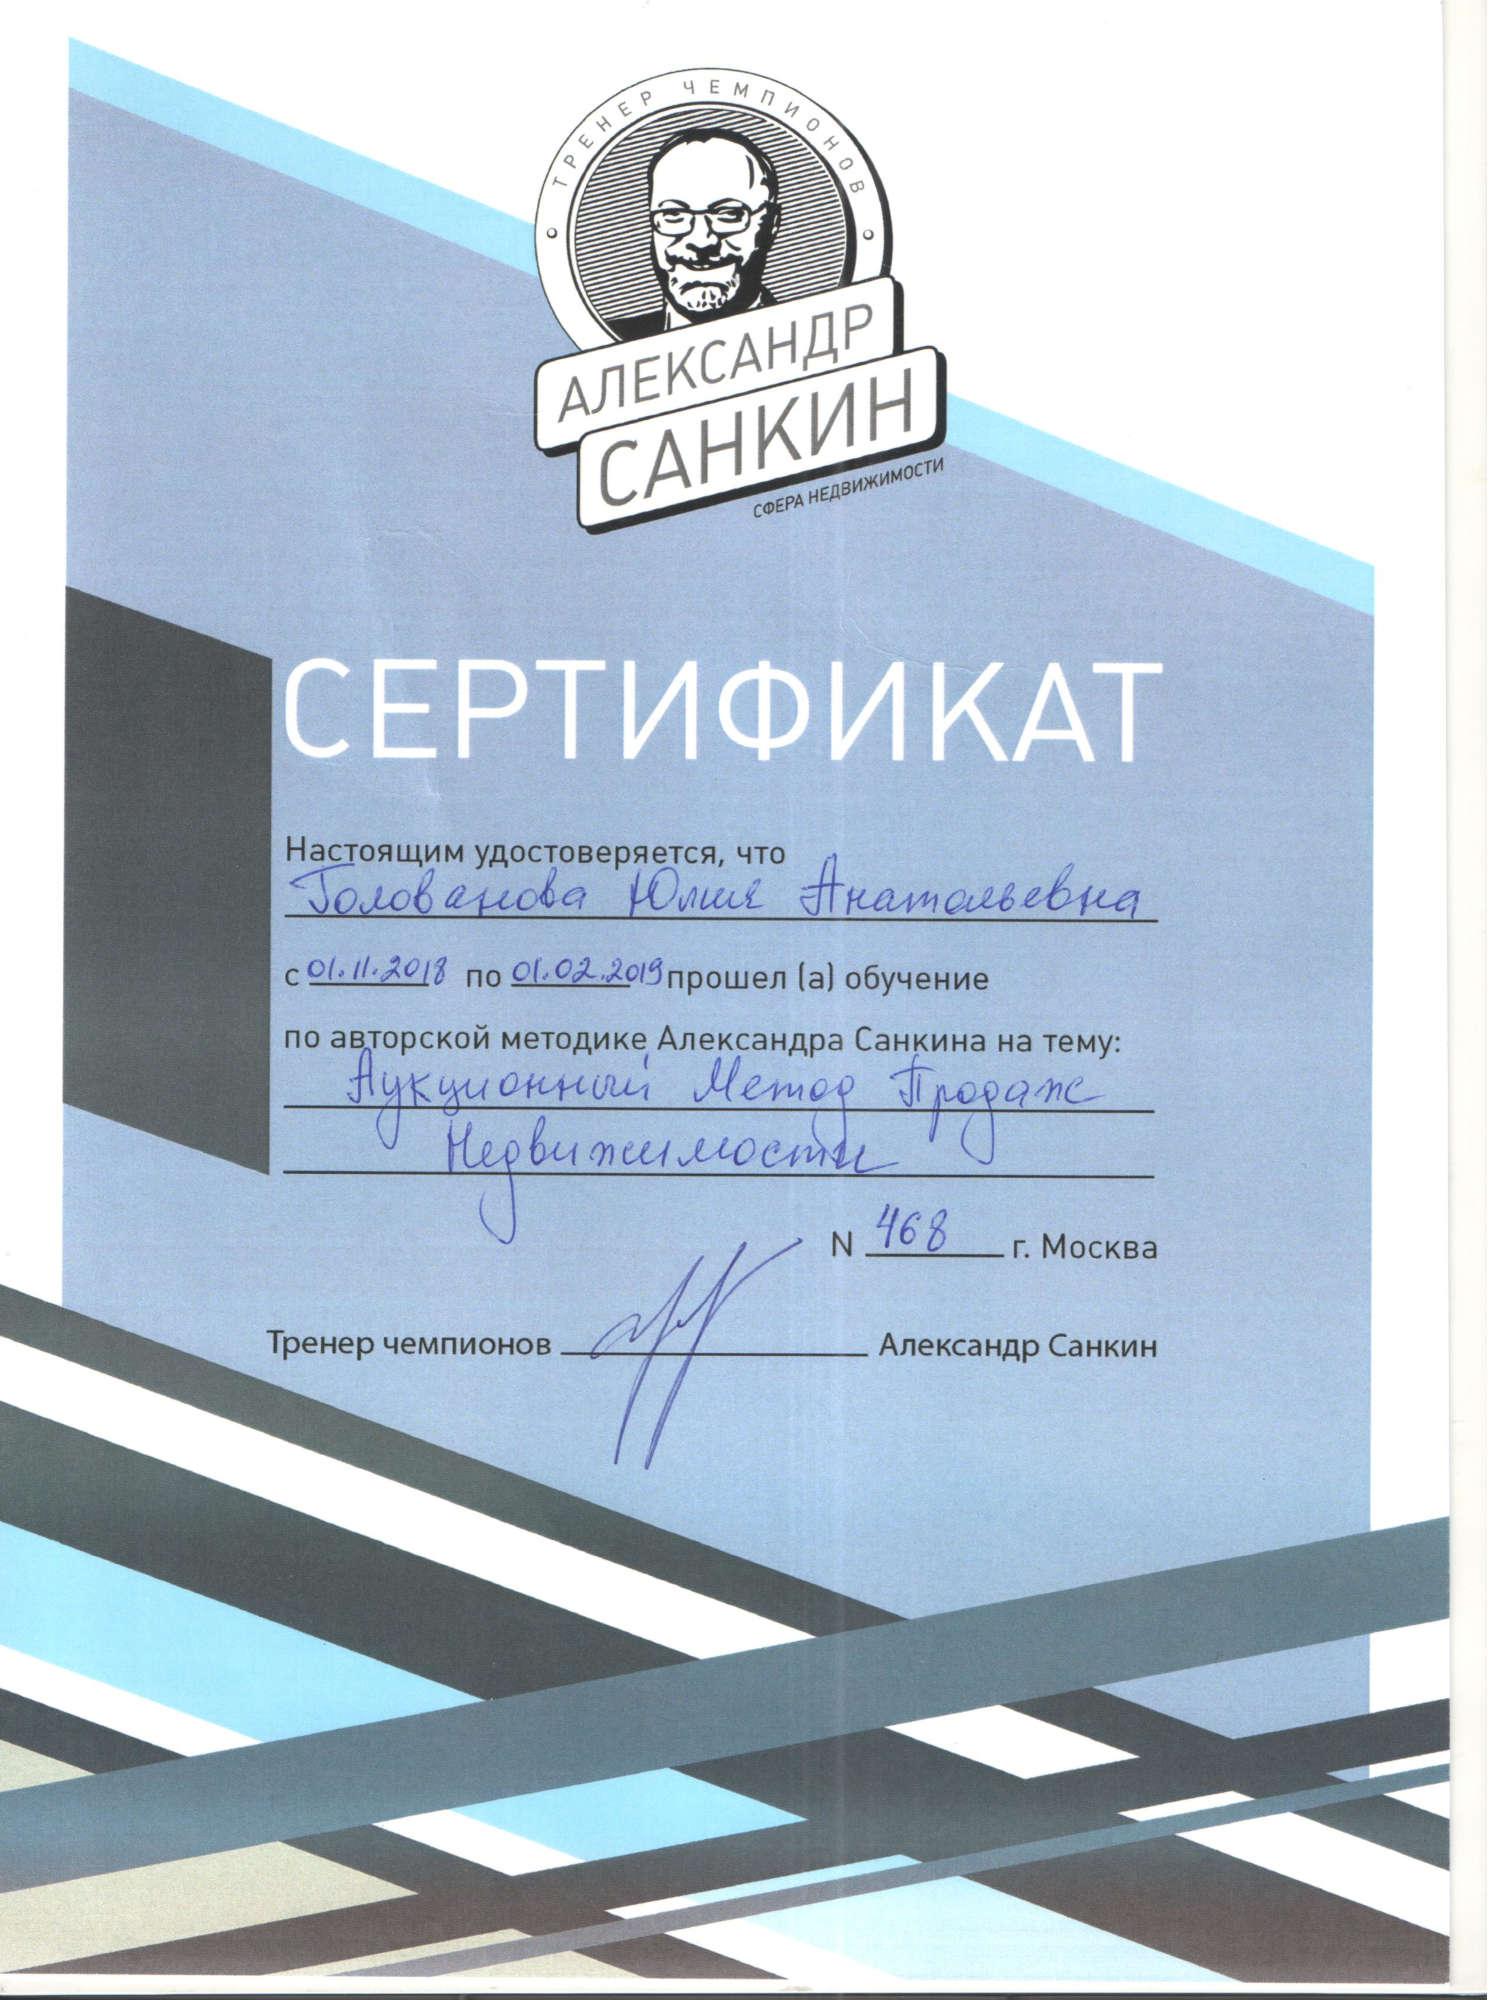 сертификат специалиста, вооруженного методом аукционных продаж недвижимости Александра Санкина